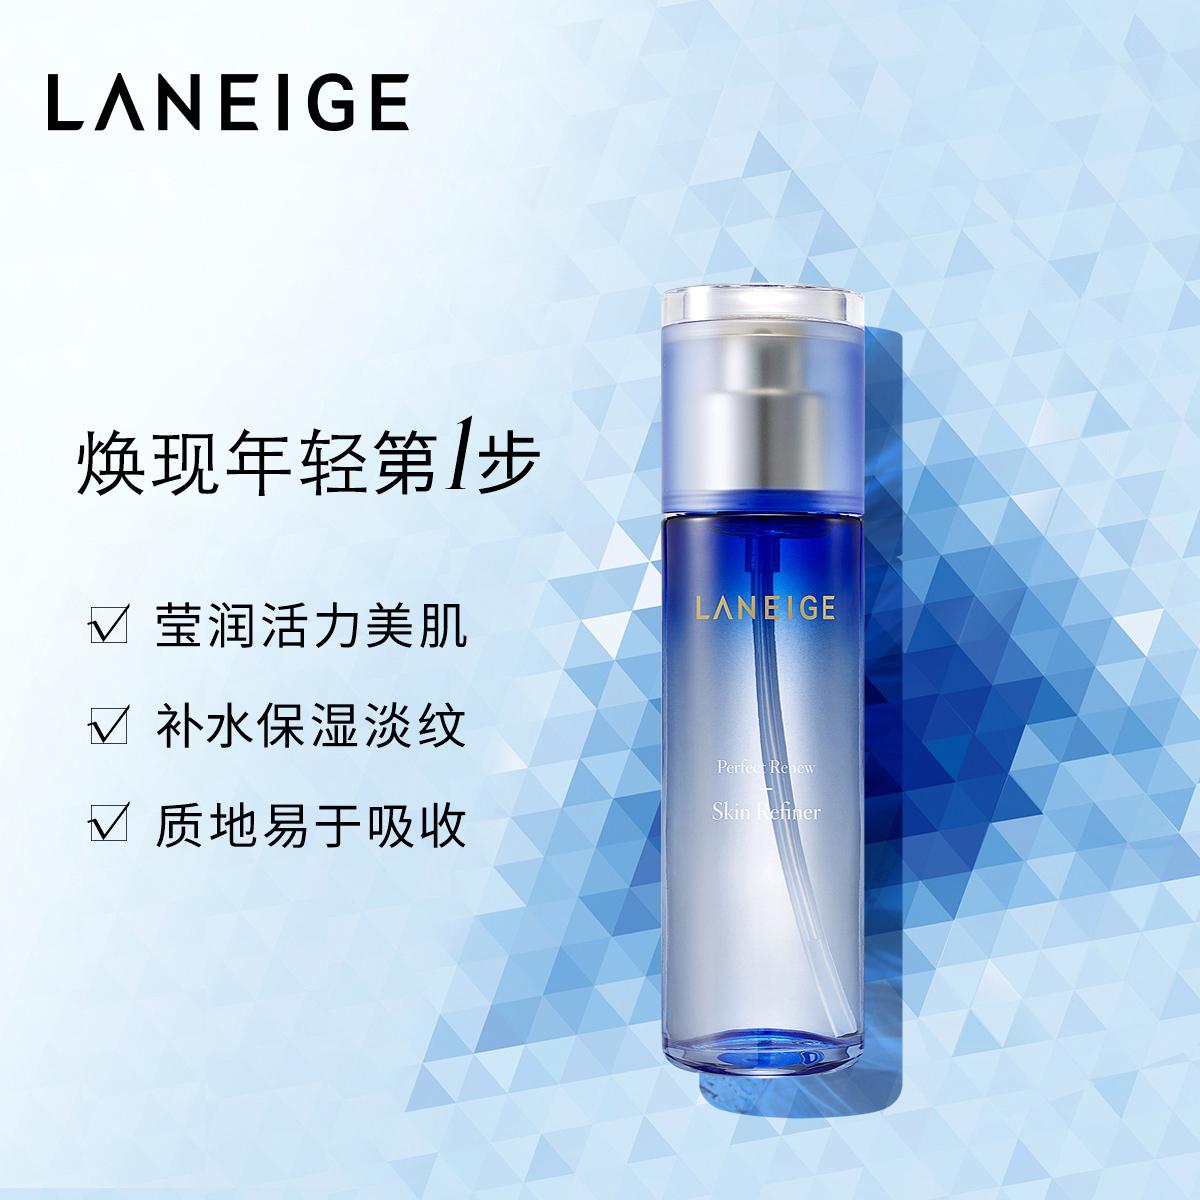 兰芝致美紧颜细肤水补水保湿淡化细纹紧致肌肤爽肤水  官方正品